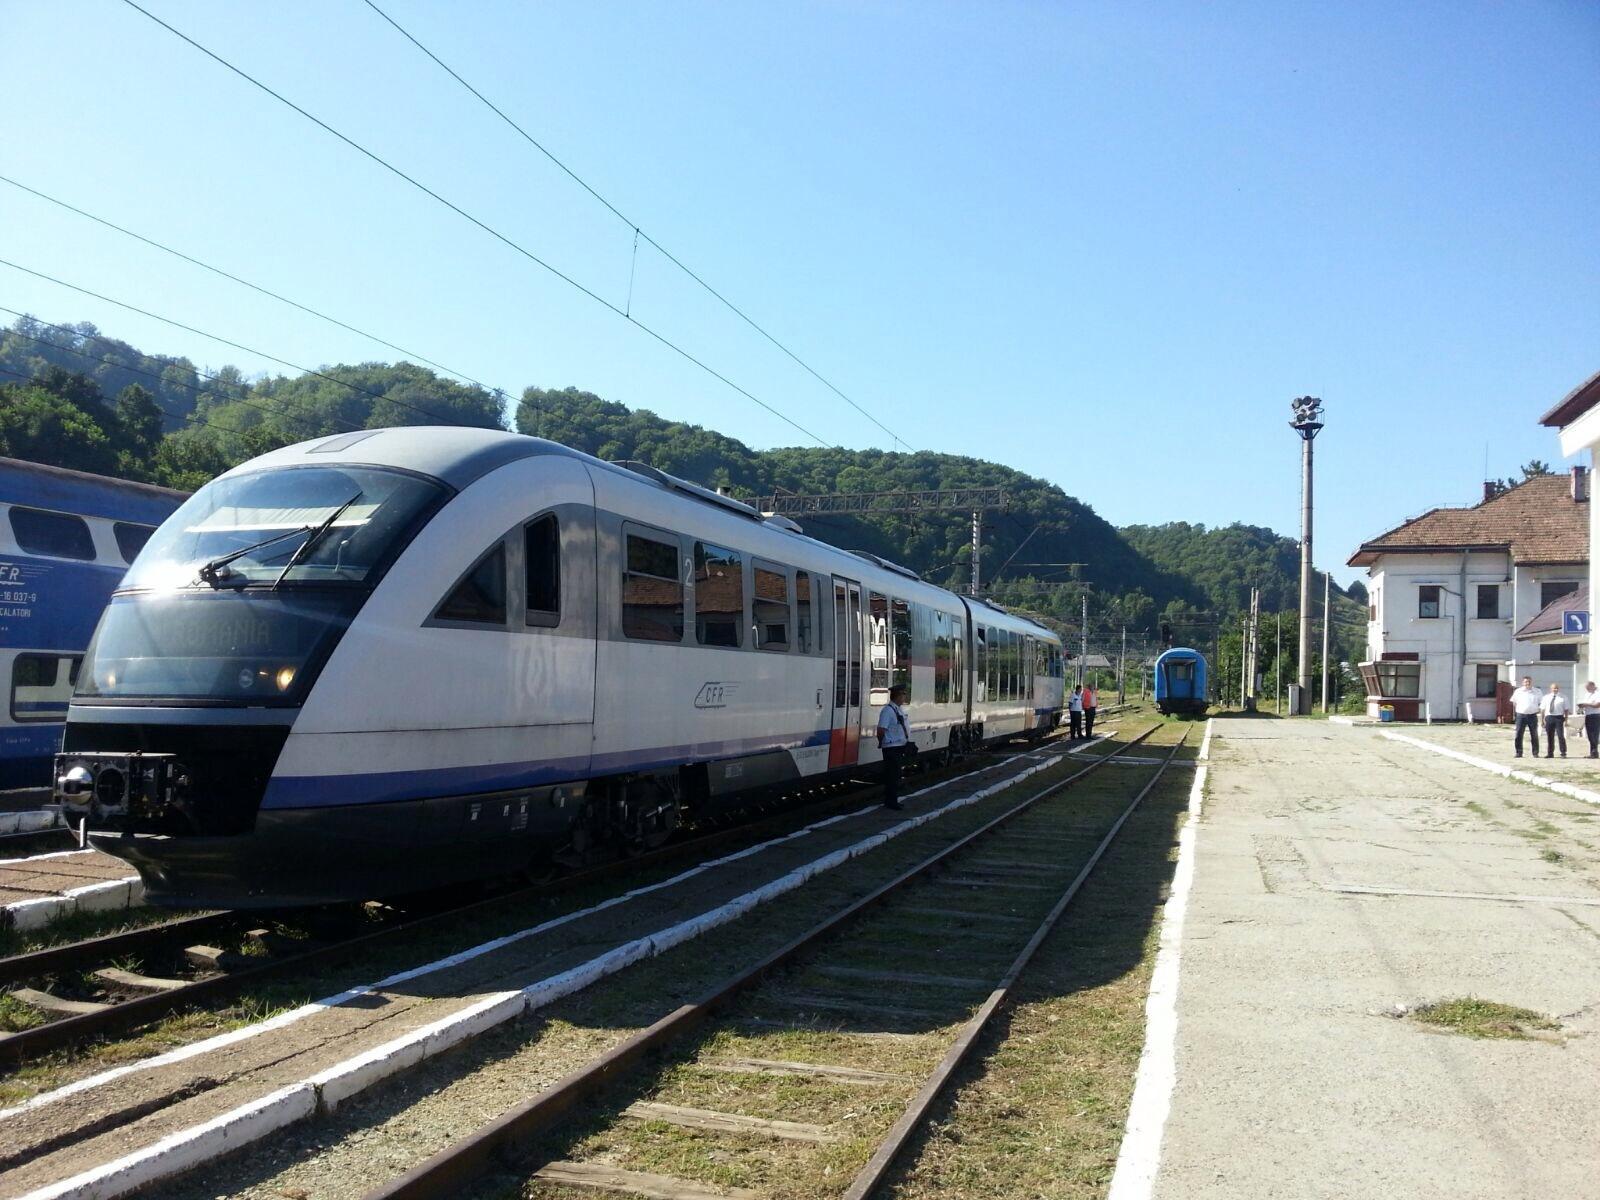 În secolul vitezei, pe ultima cale ferată inaugurată în România se circulă cu maxim 35 km/oră. Săgeata Albastră atinge performanţa unei locomotive cu aburi de la începutul secolului trecut